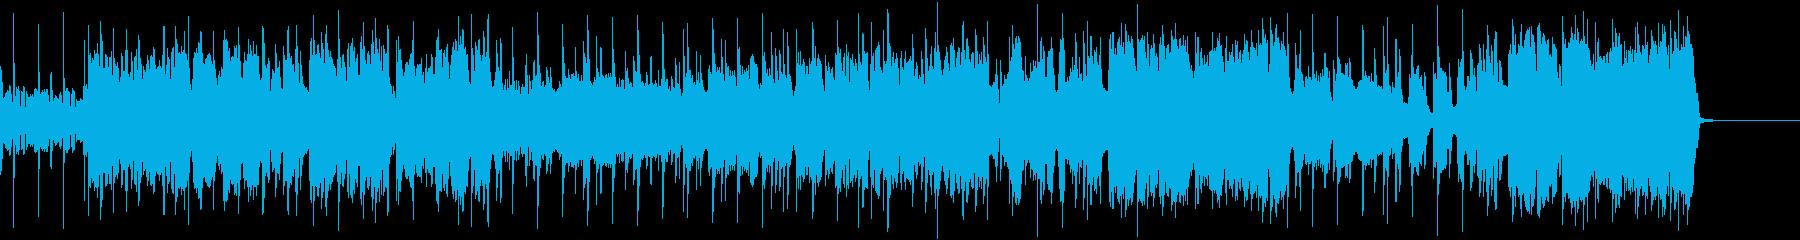 ほのぼのでノリがいいポップなフルート曲の再生済みの波形